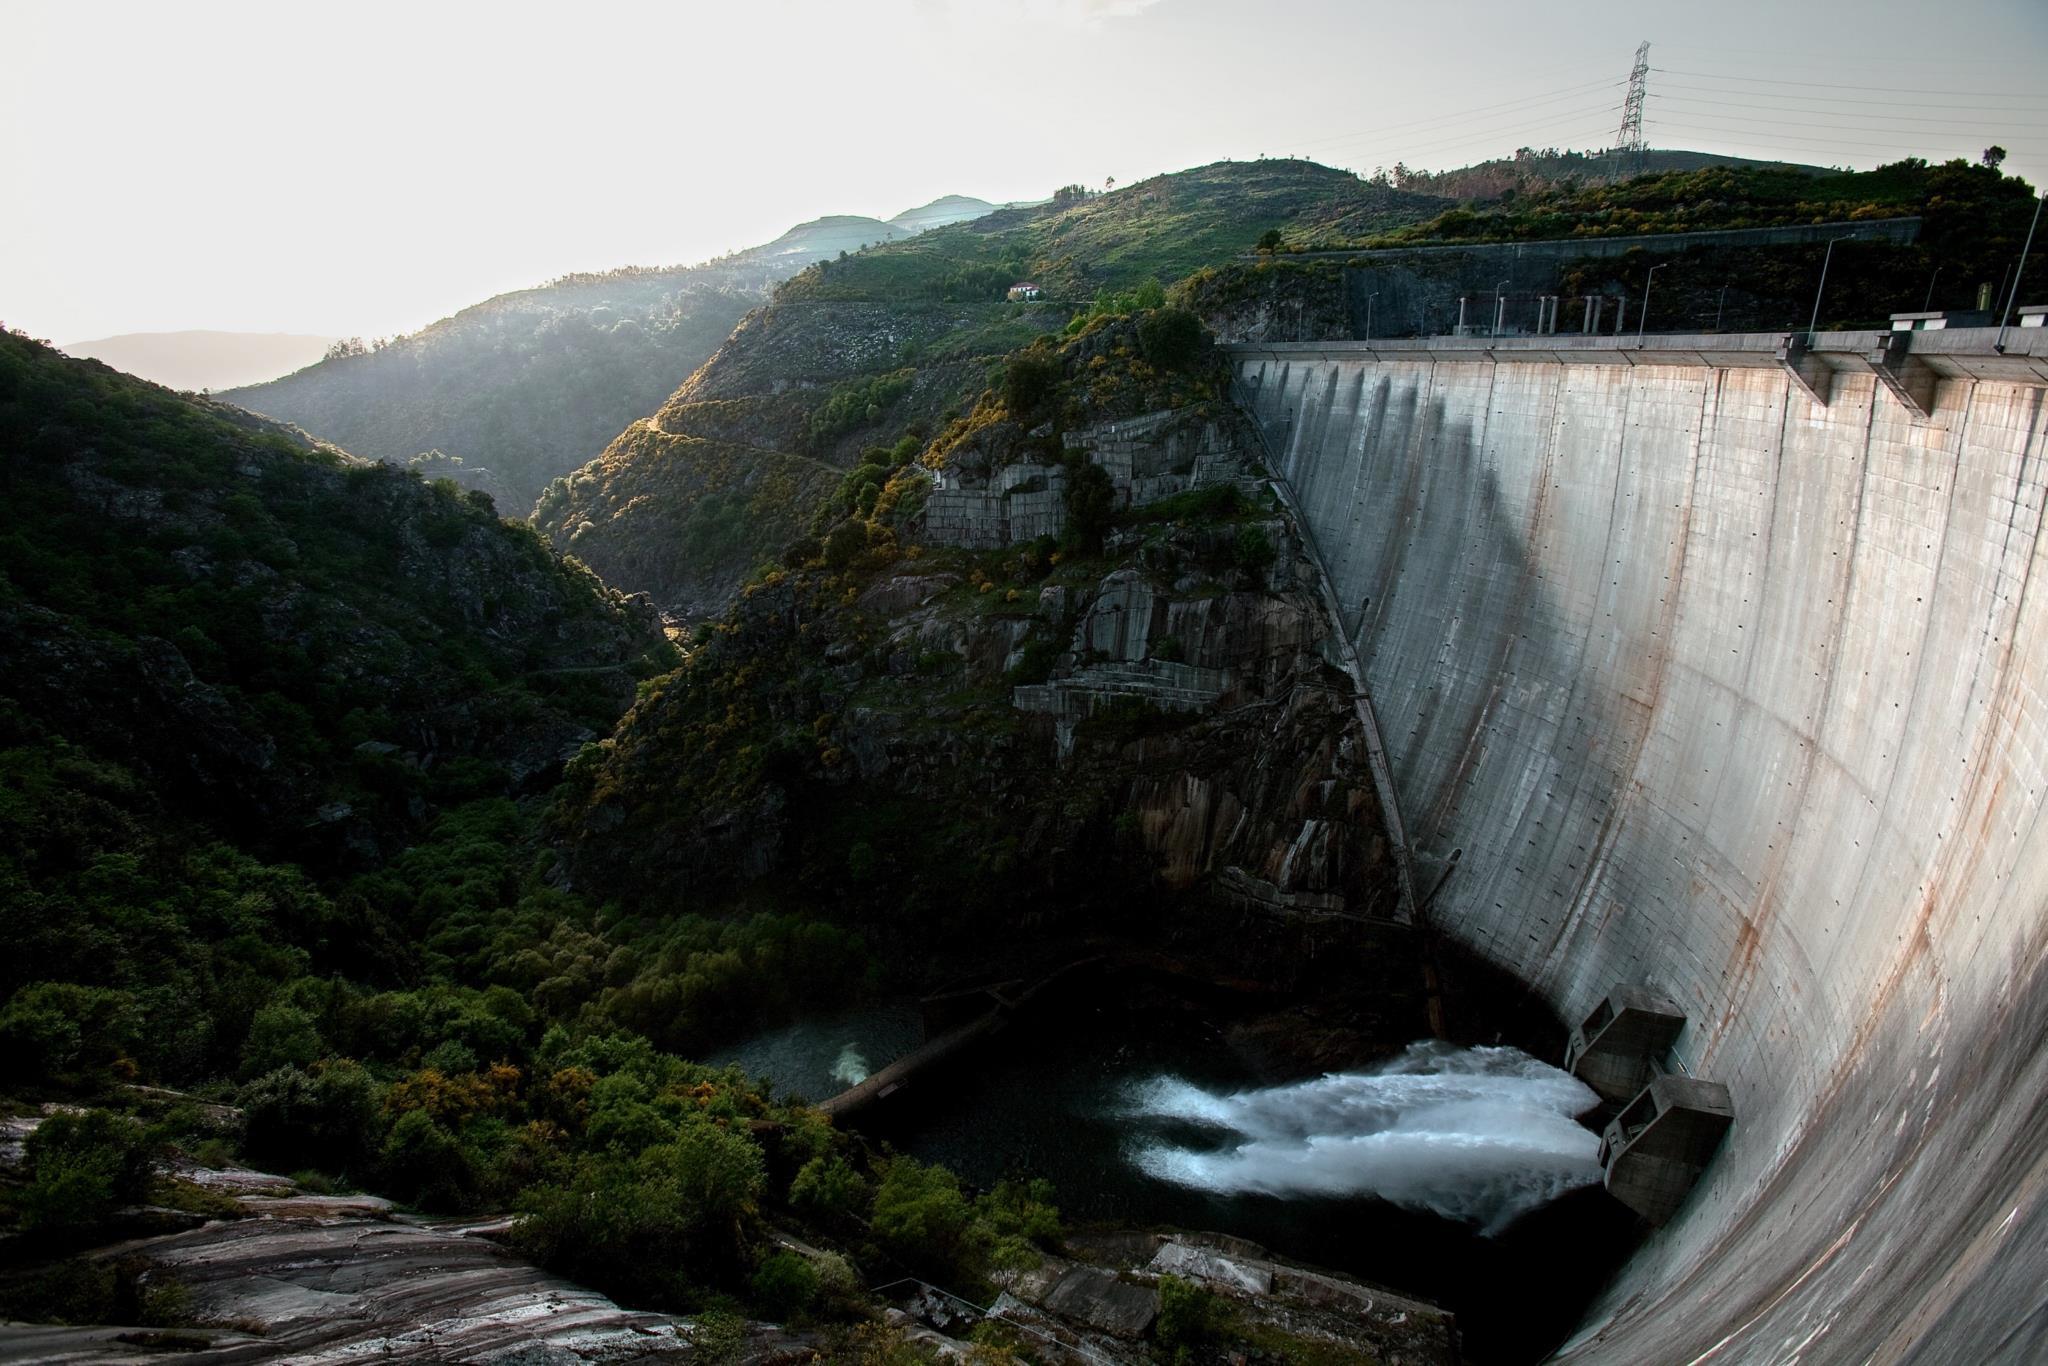 PÚBLICO - Bruxelas avalia alargamento do prazo das barragens à EDP sem concurso público